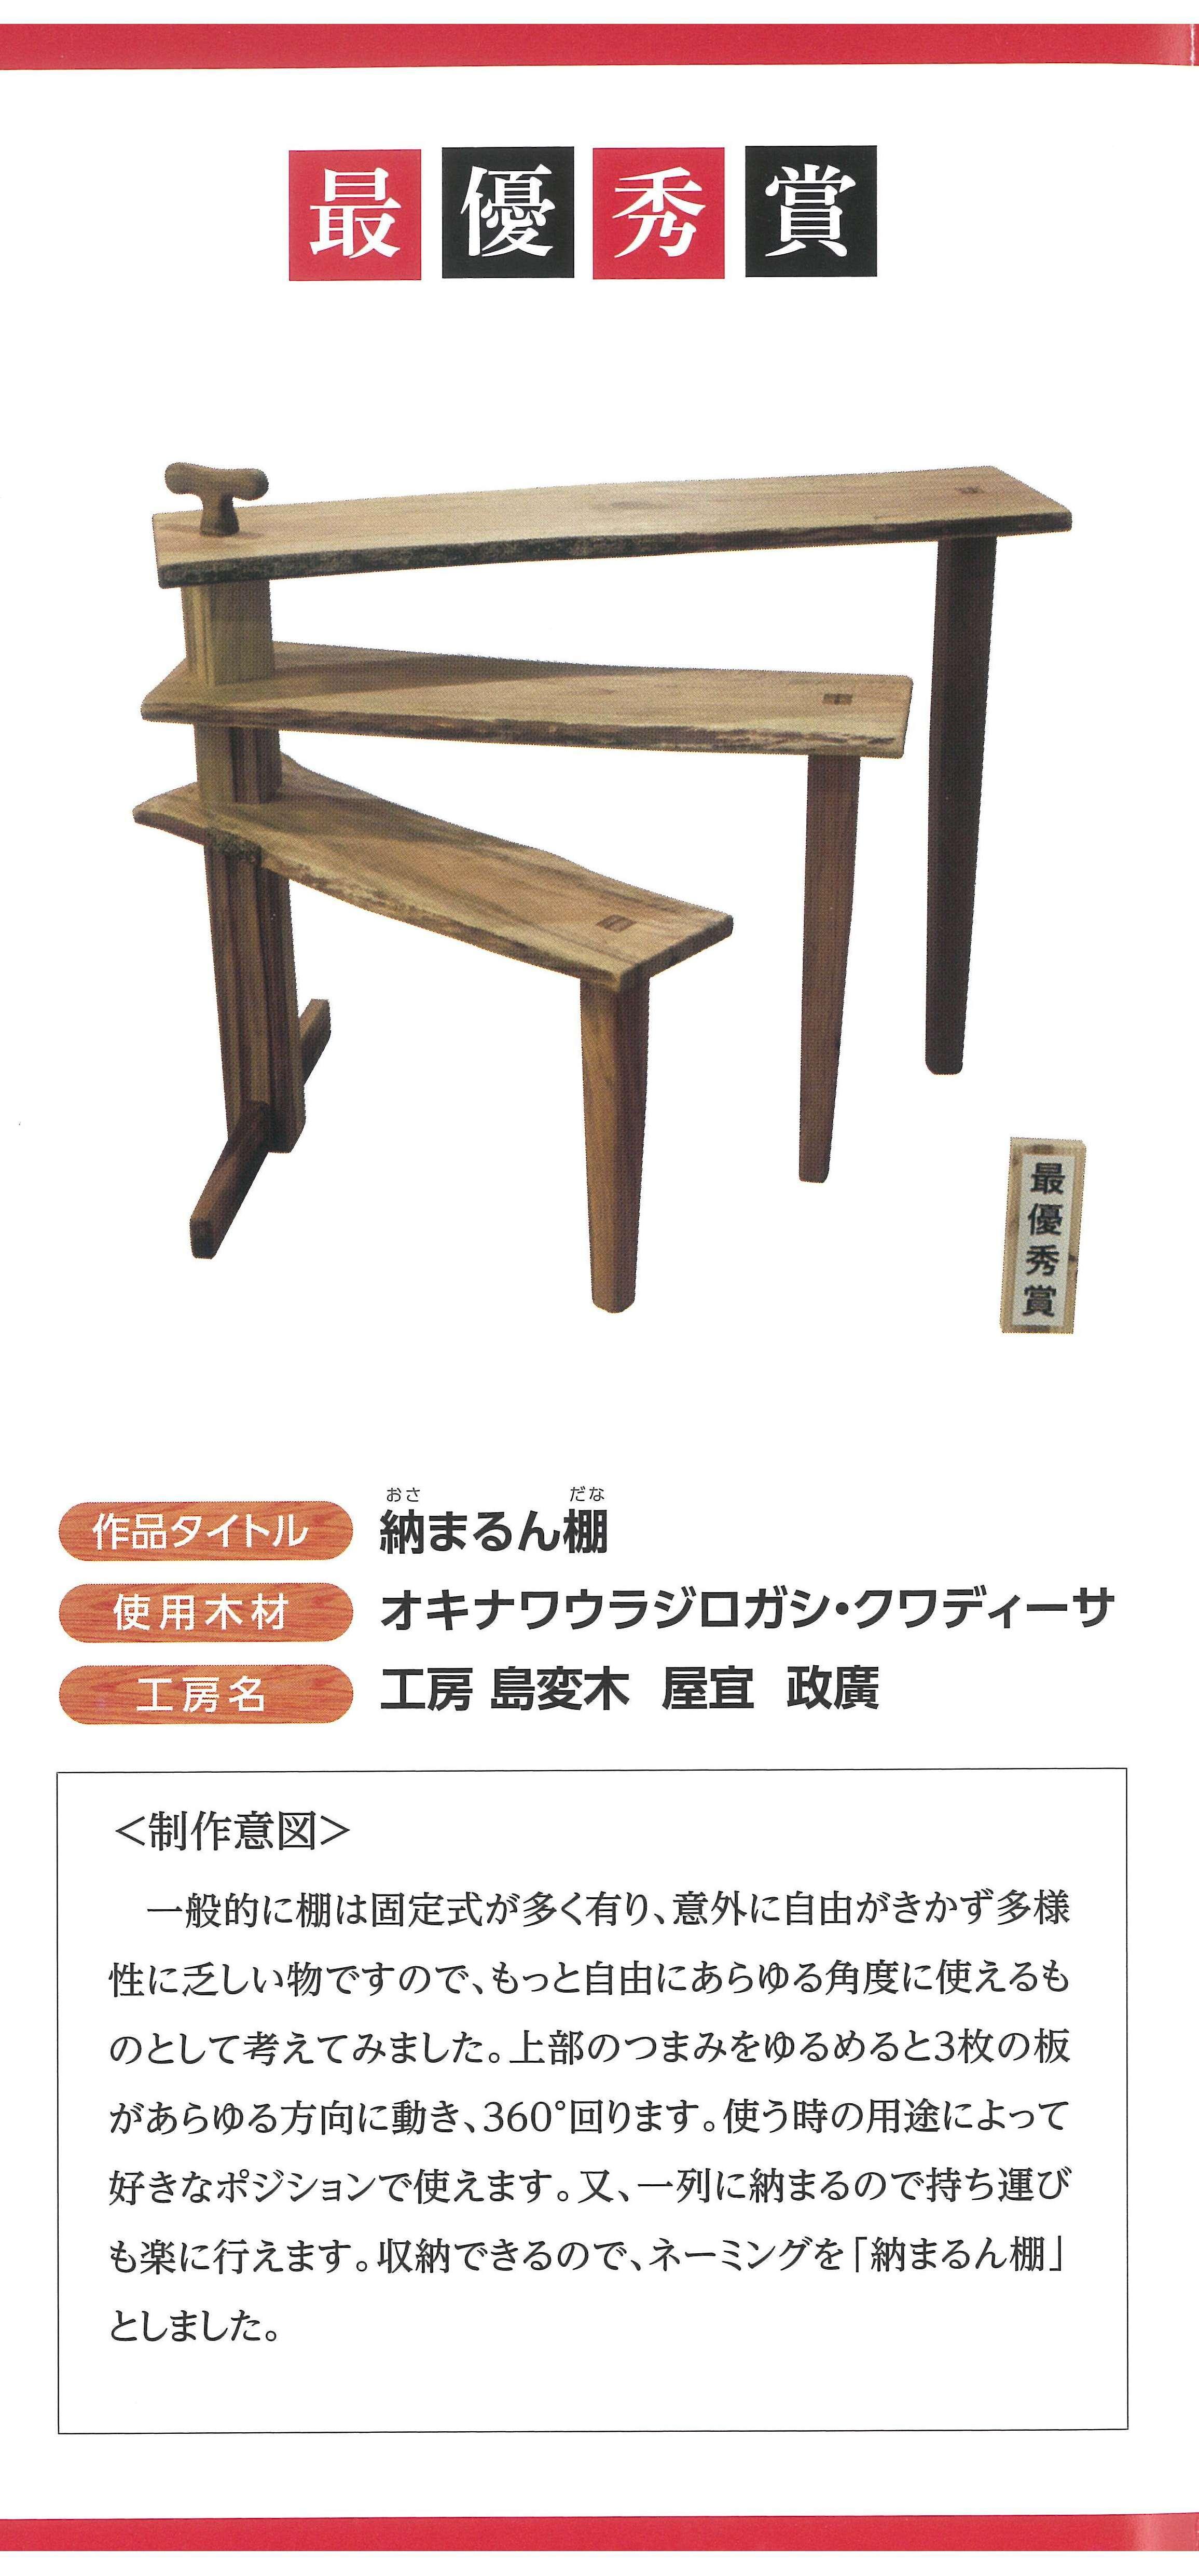 県産木製品コンペ_最優秀賞